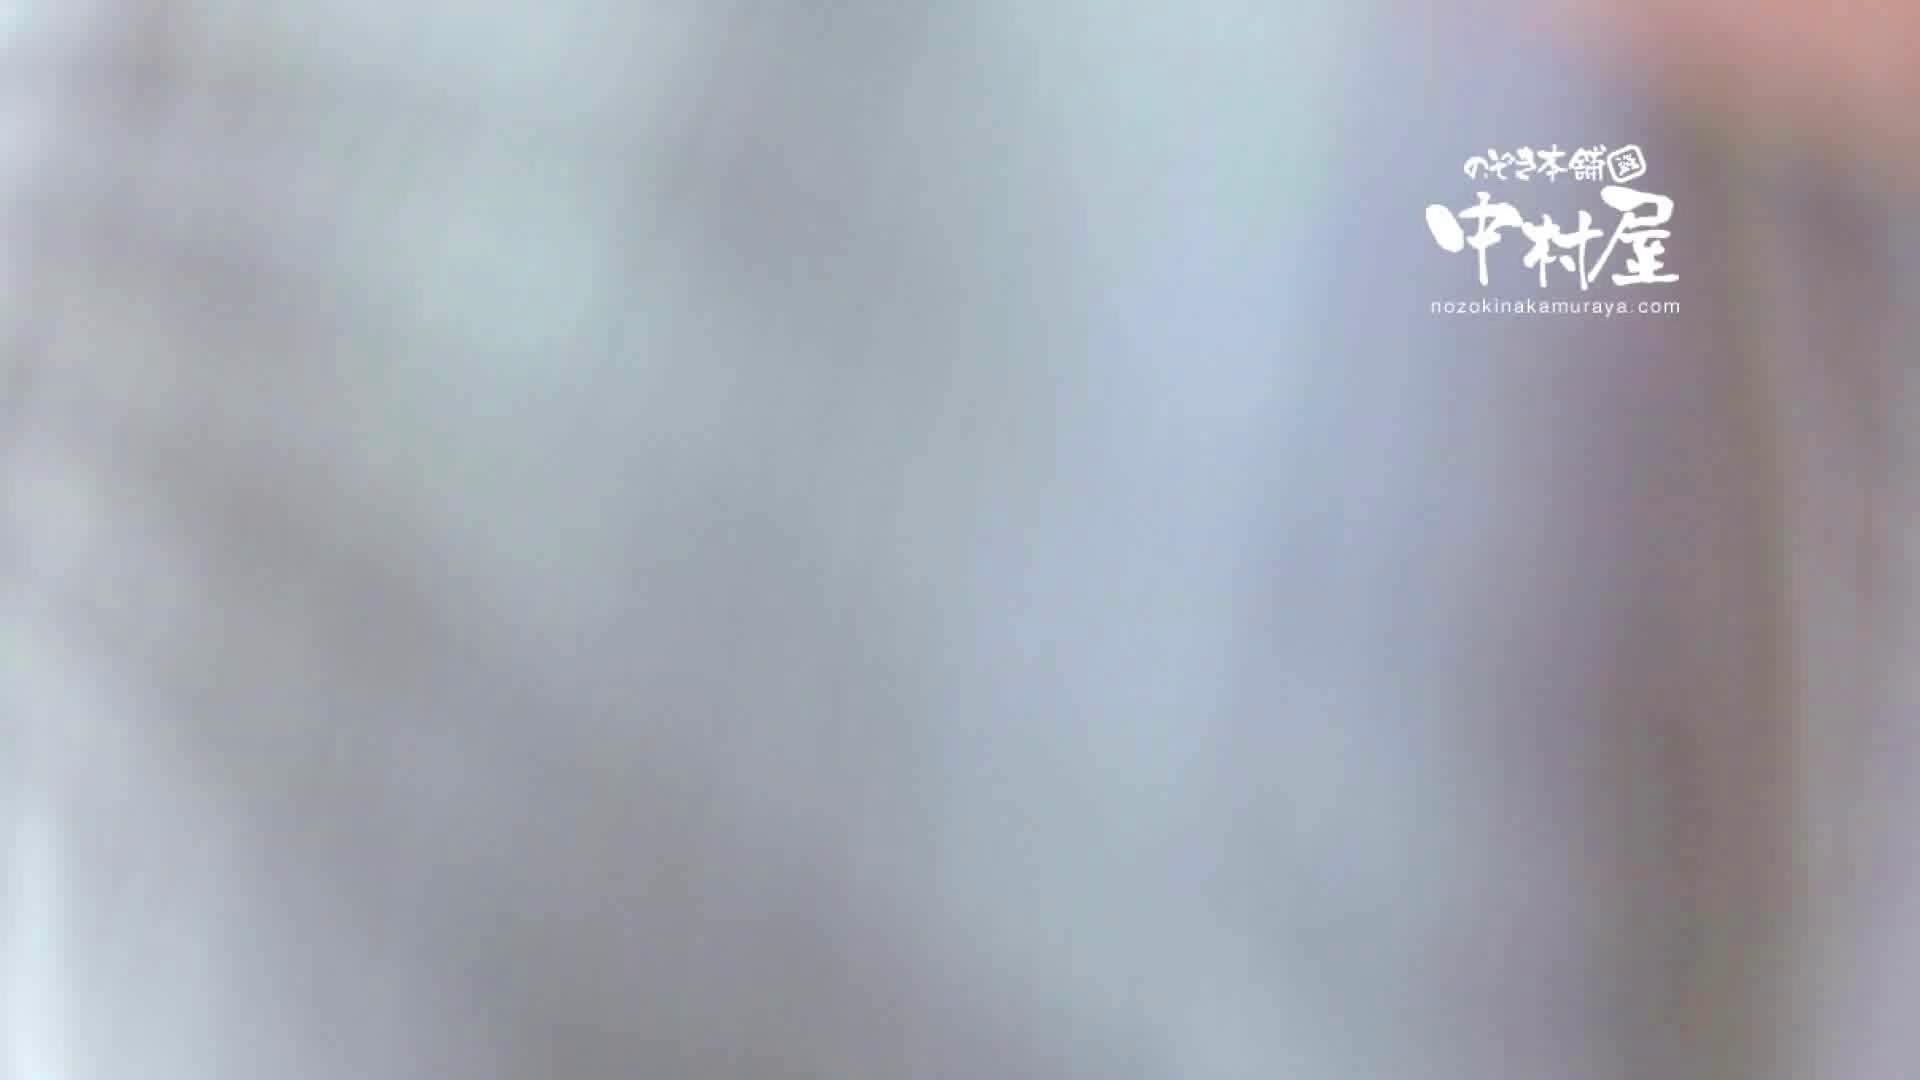 鬼畜 vol.18 居酒屋バイト時代の同僚に中出ししてみる 前編 0  99pic 2